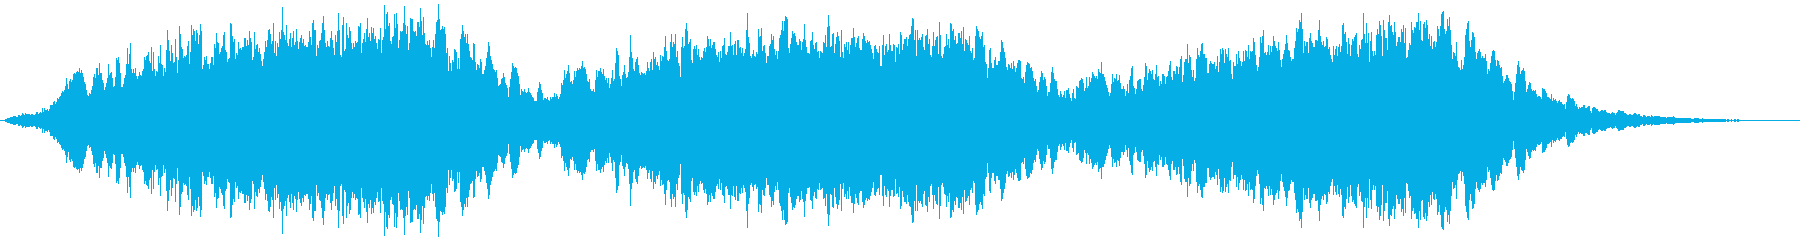 PADS クジラの歌02の再生済みの波形